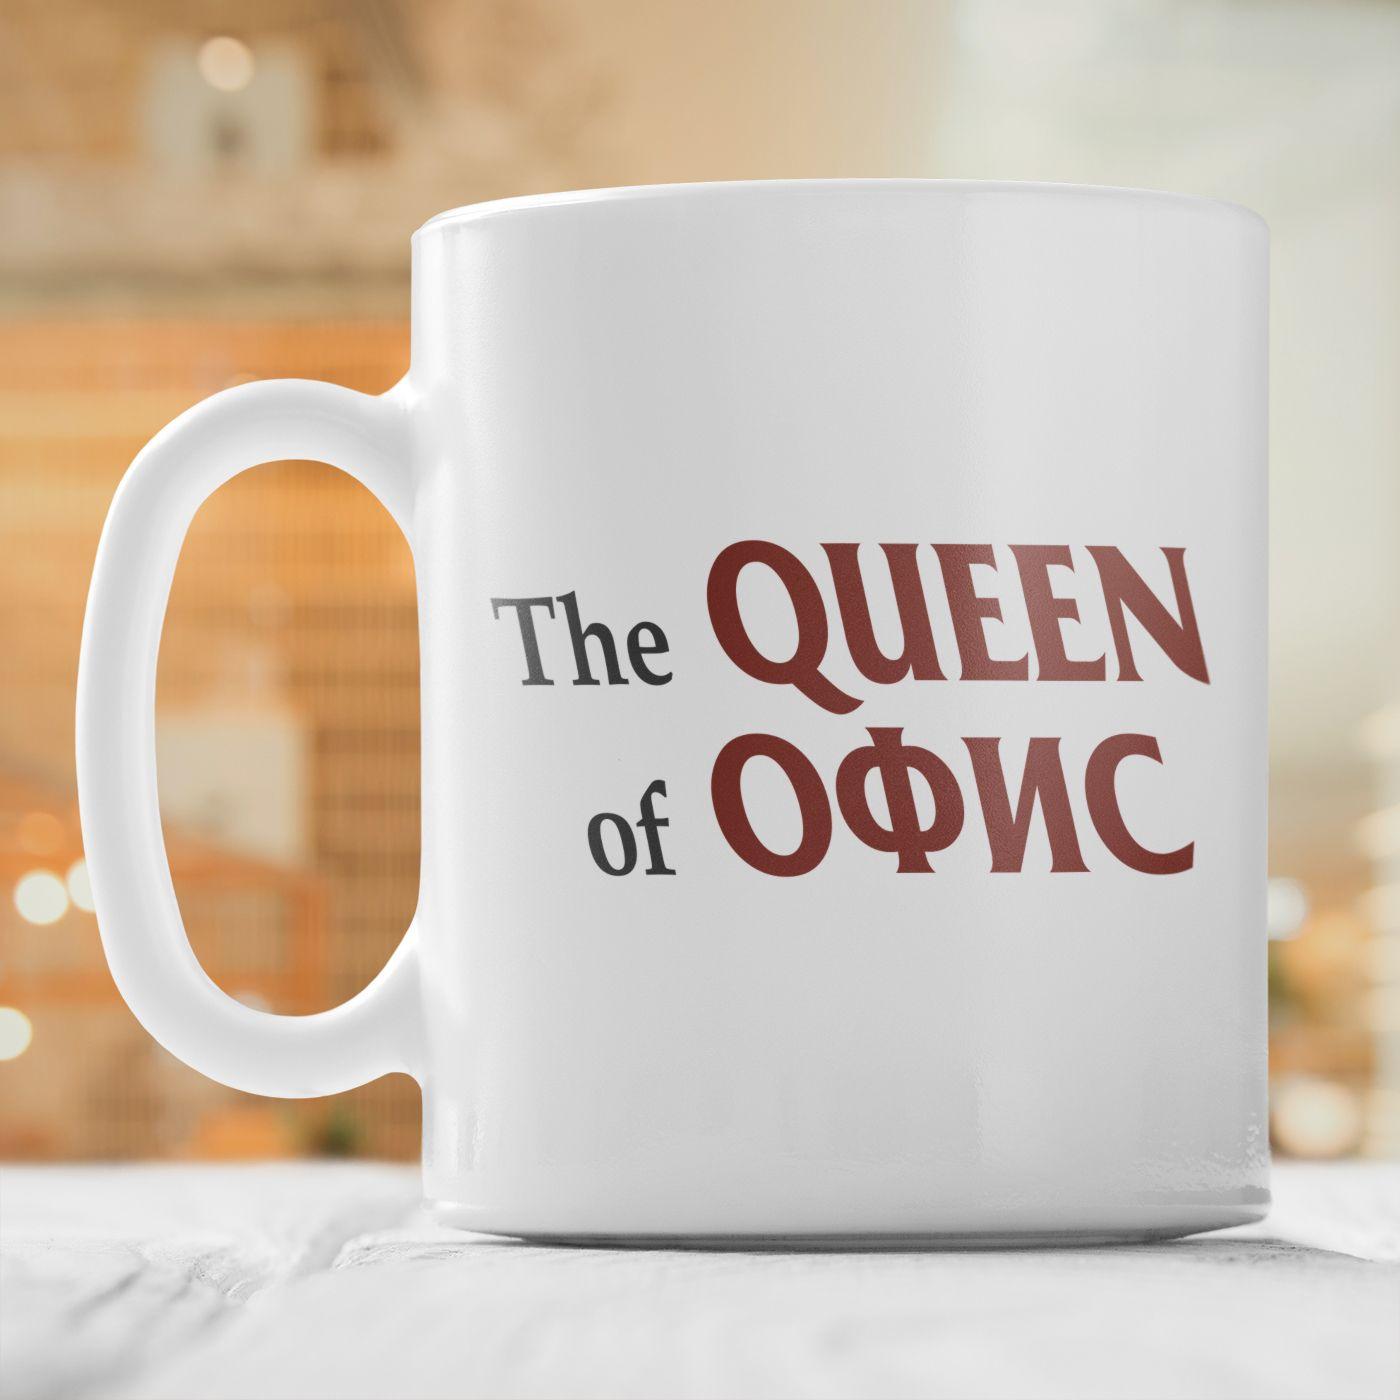 Кружка *The Queen of Офис* с вашей надписью